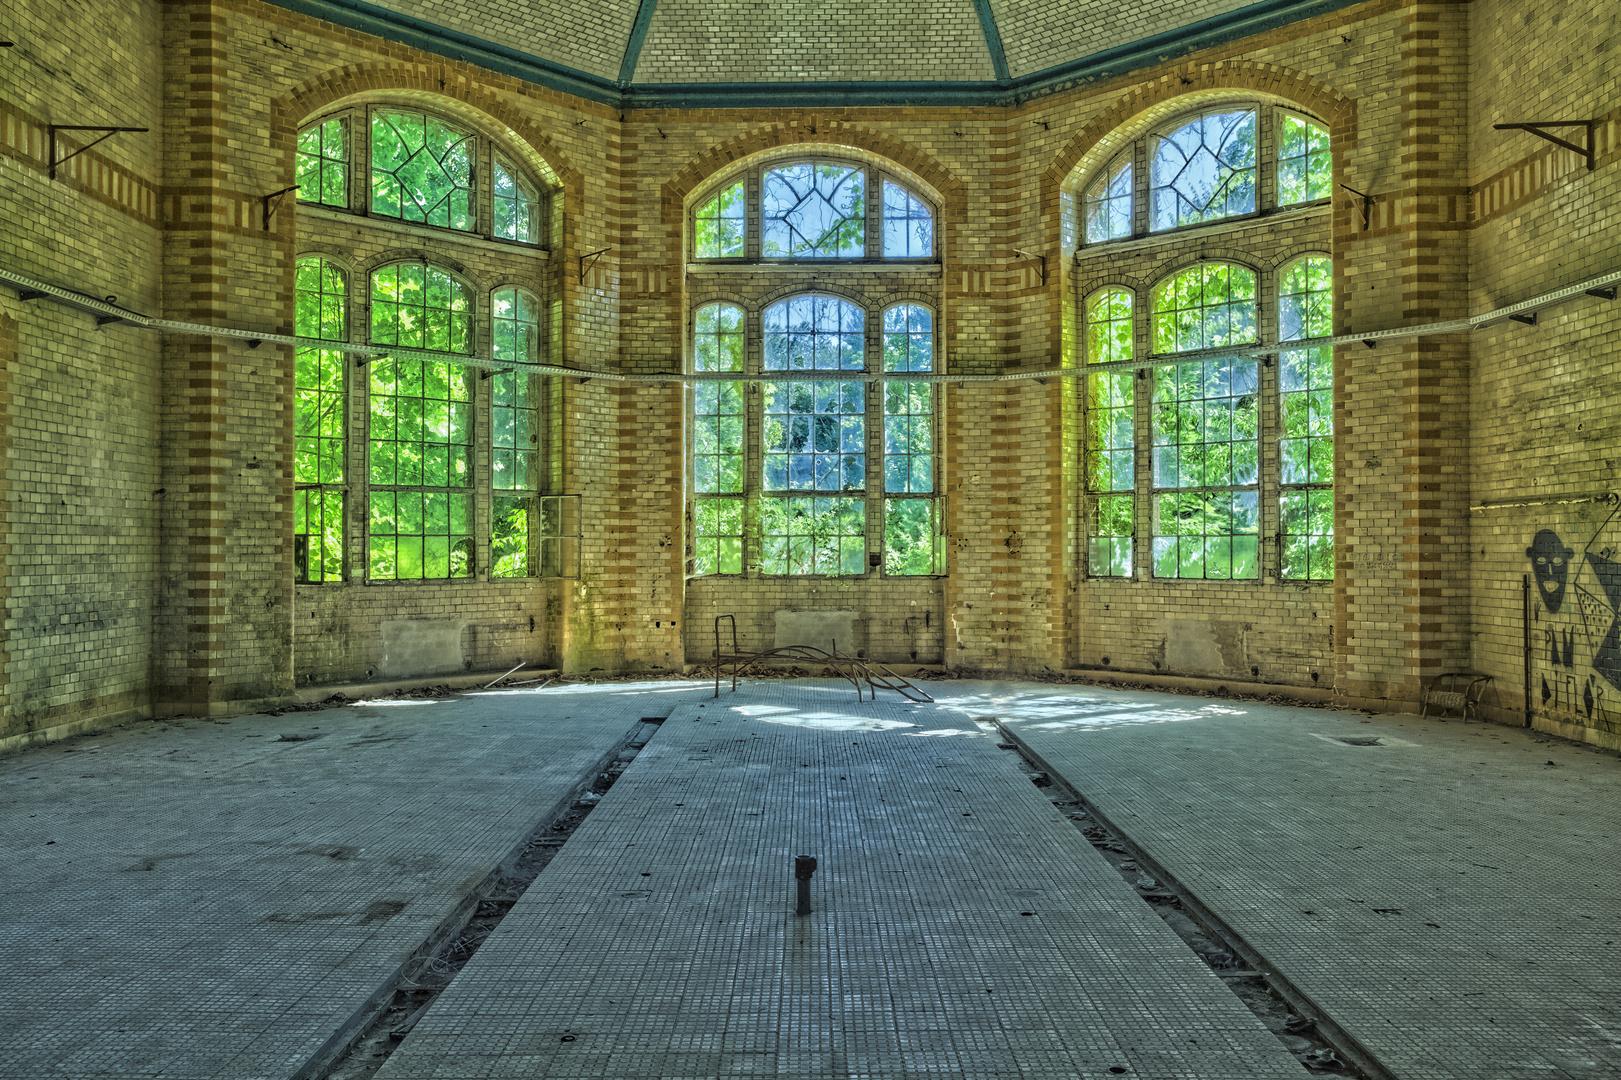 Beelitz Heilstätten - Frauensanatorium (71)